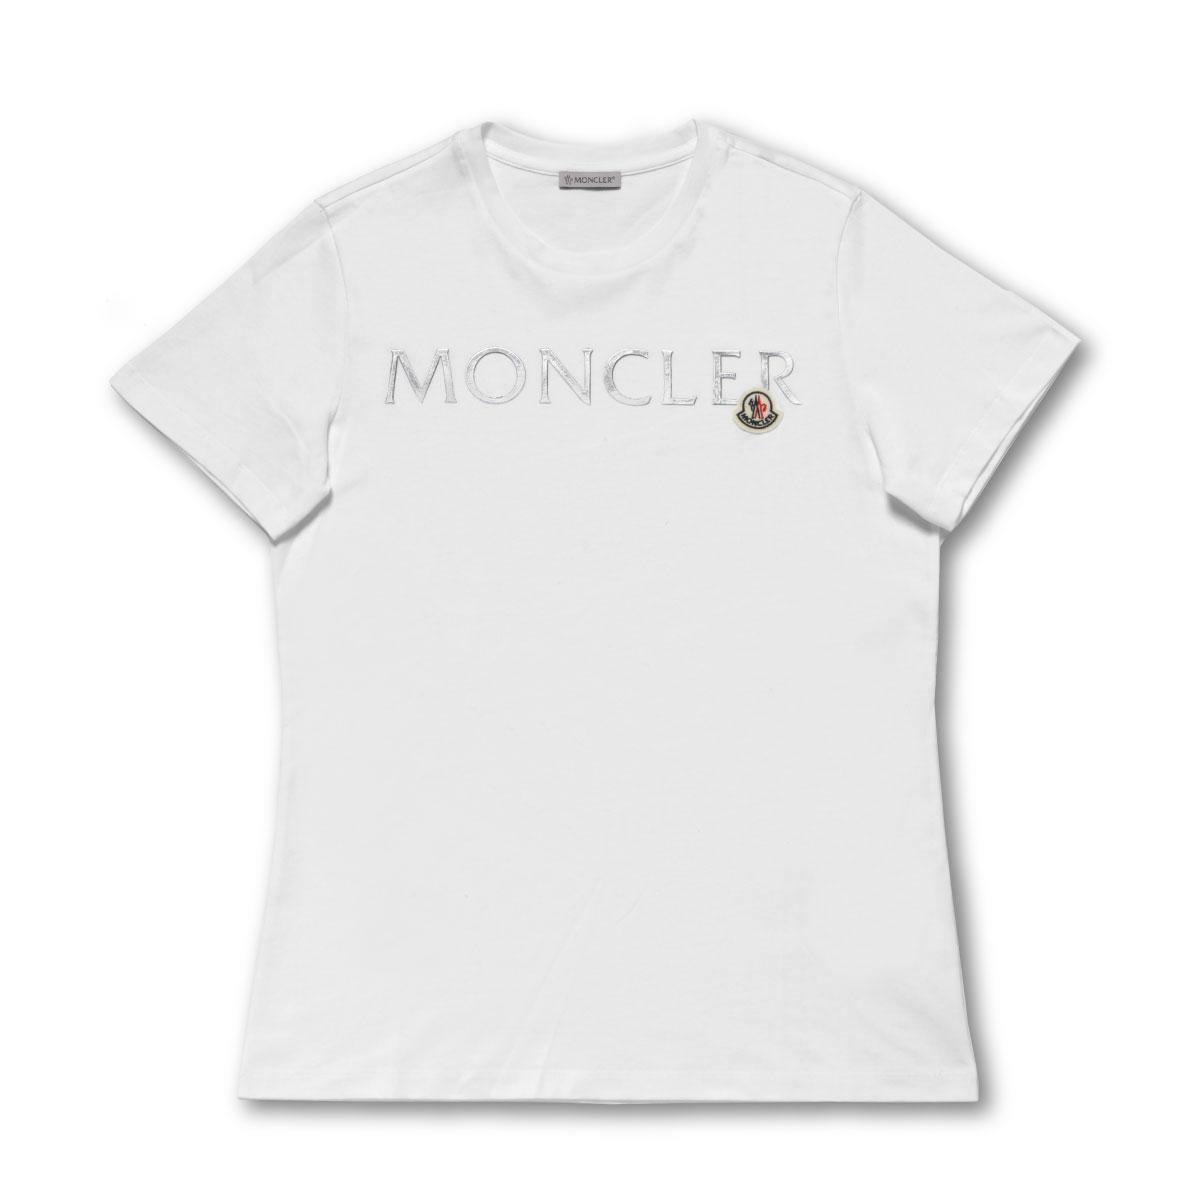 モンクレール MONCLER Tシャツ レディース 8C71510 V8094 001 半袖Tシャツ WHITE ホワイト